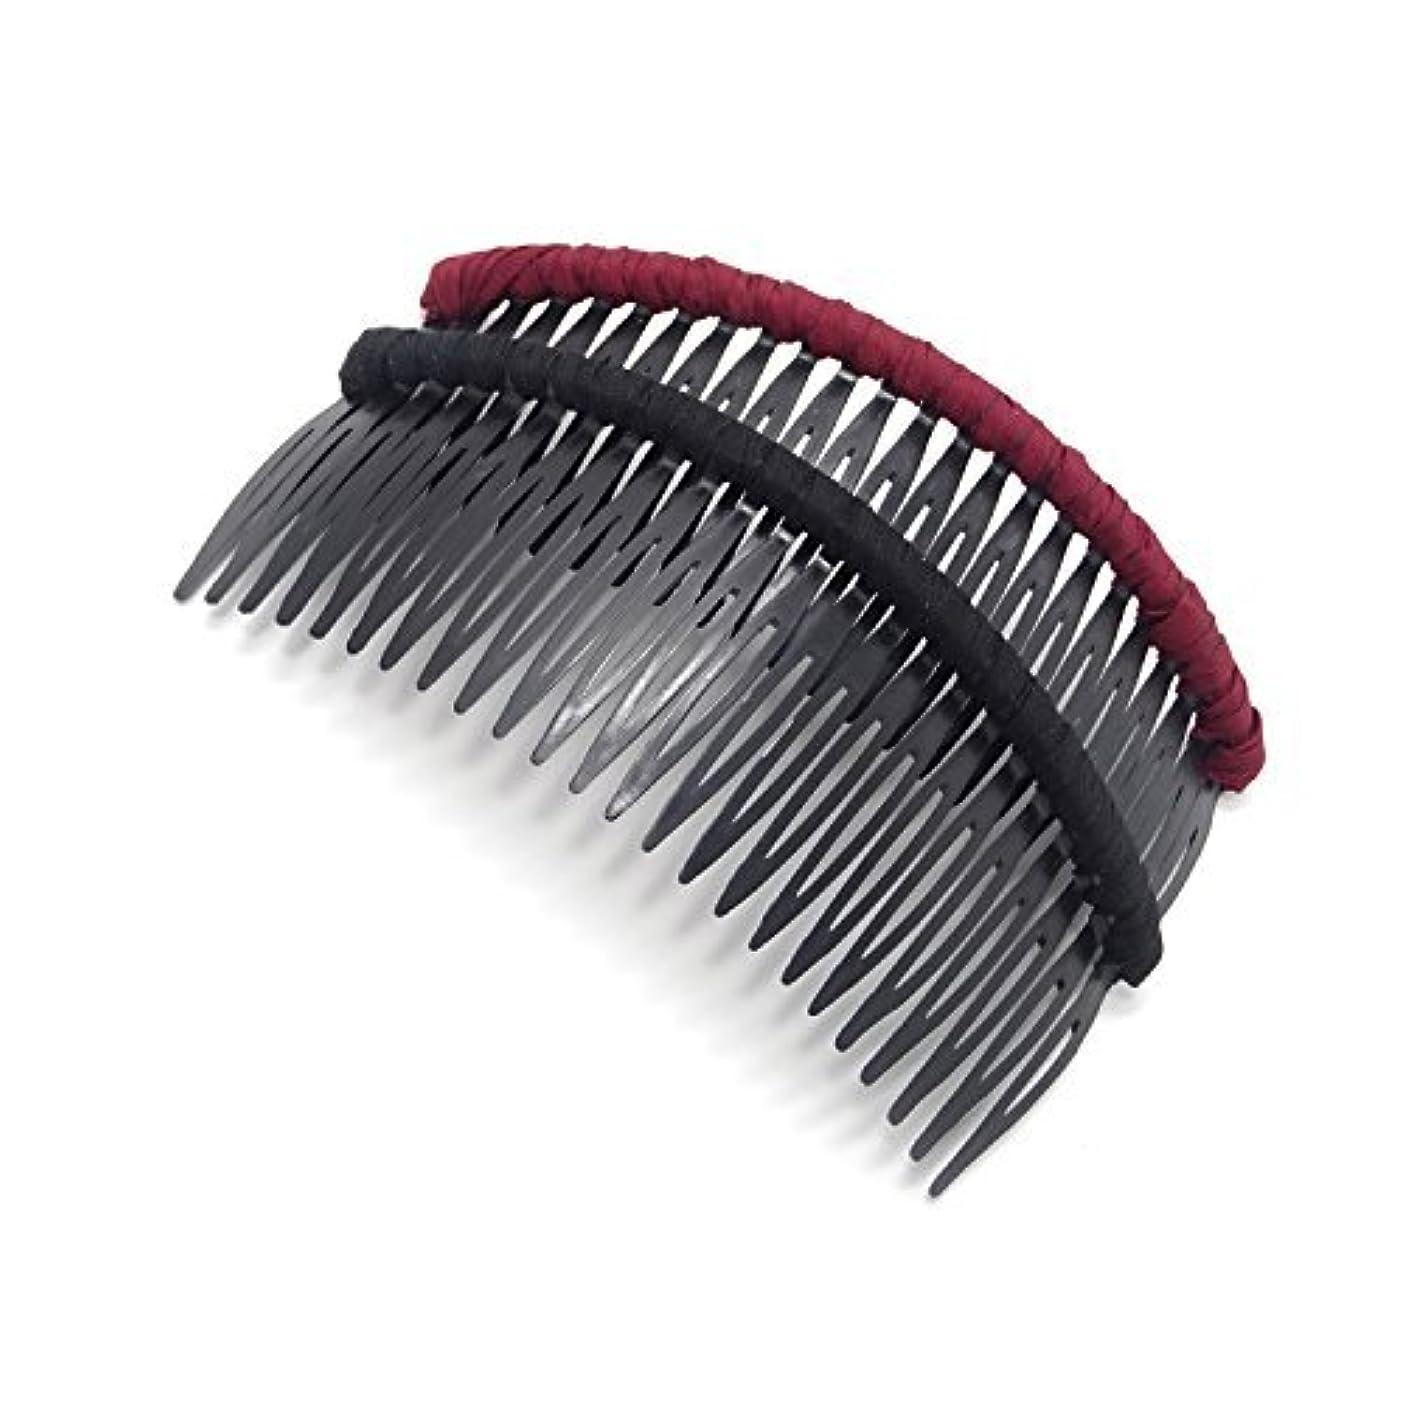 召喚するインキュバス浸漬Honbay 2 PCS Different Color 24 Teeth Plastic Hair Comb Tuck Comb Hair Clip Hair Accessory for Women and Girls...